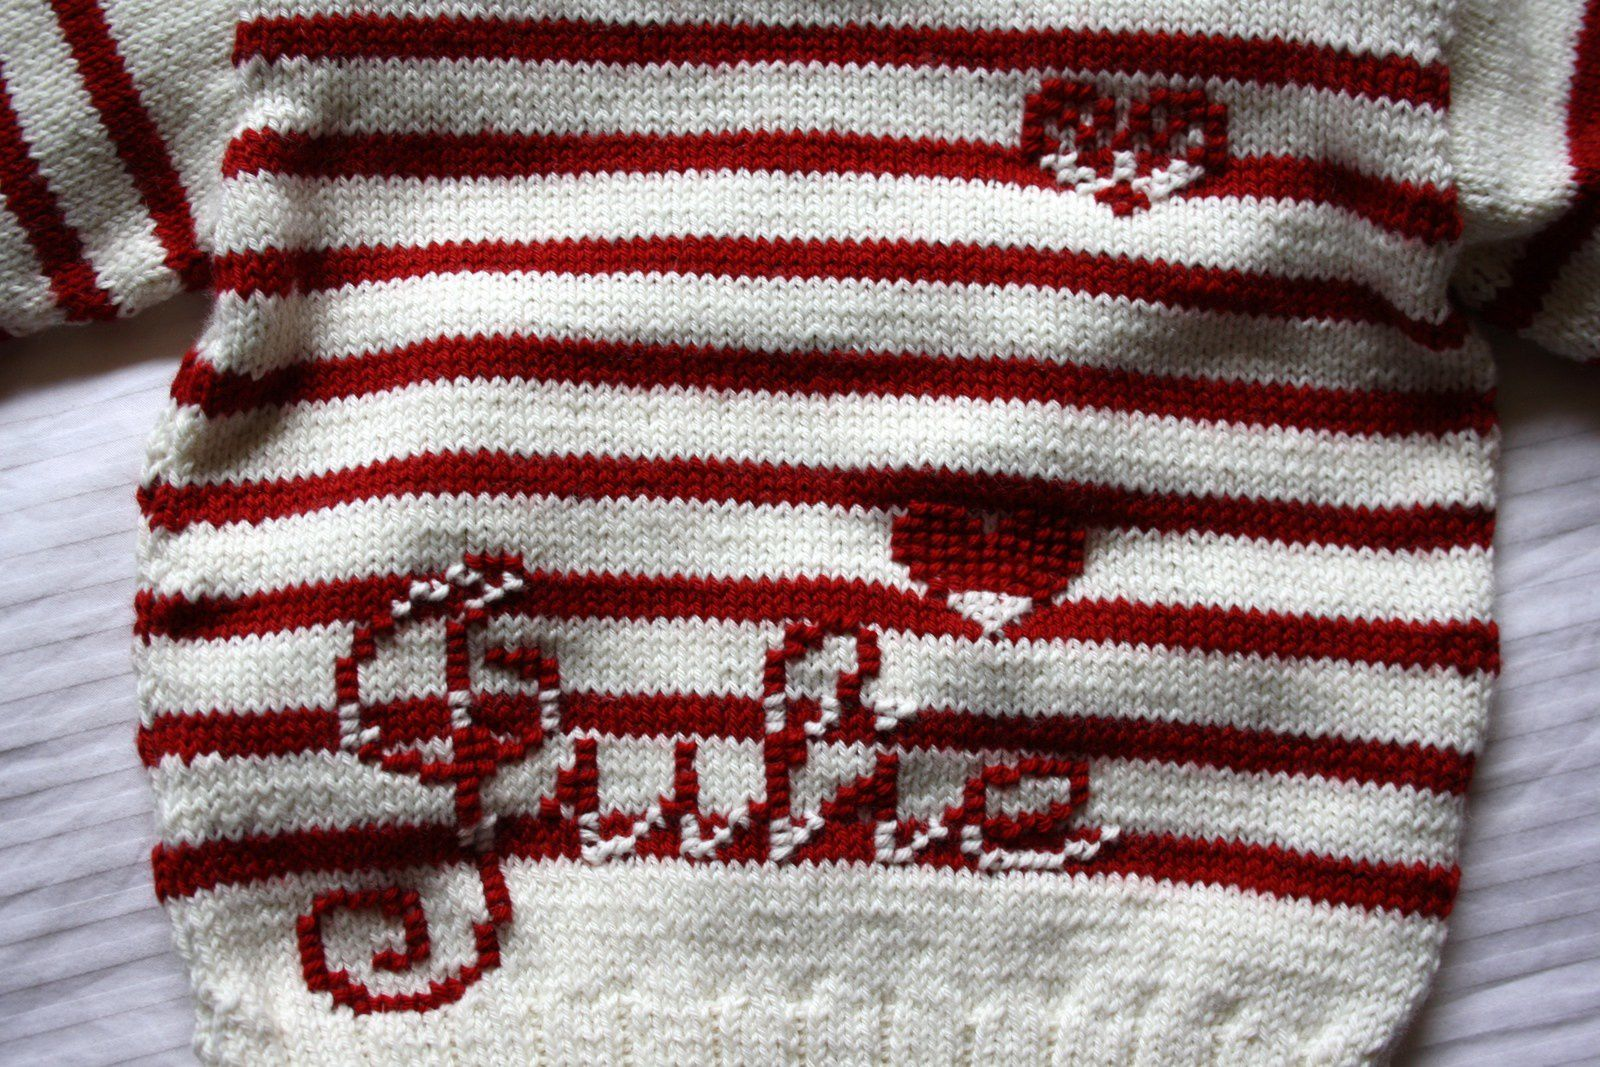 Rayures et prénom brodé, je suis très fière du pull offert à Julie